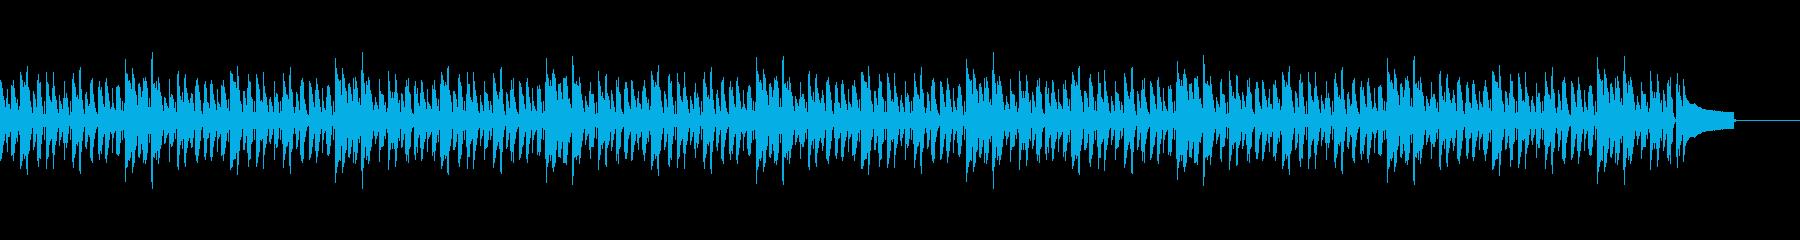 日常系BGMeの再生済みの波形